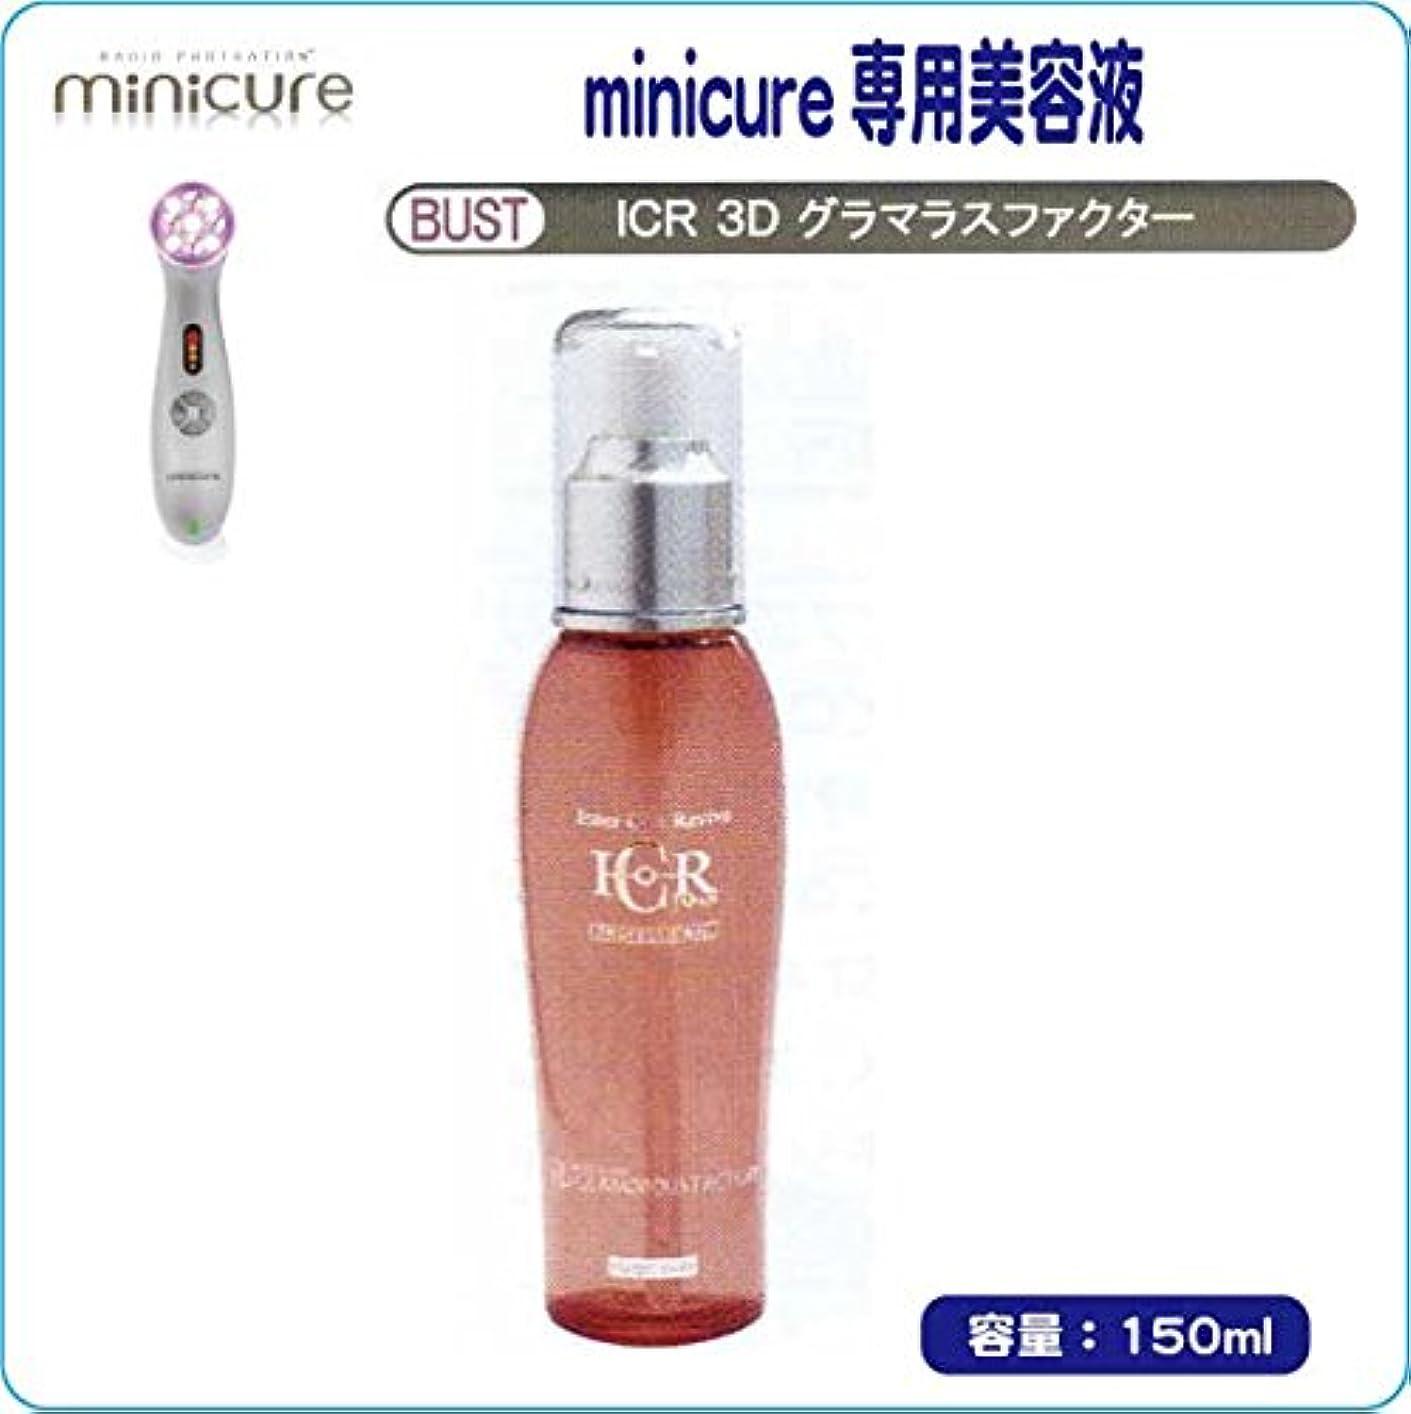 ミント彼女かどうか【minicure専用美容液シリーズ】  【BUST】ICR 3D グラマラスファクター  150ml